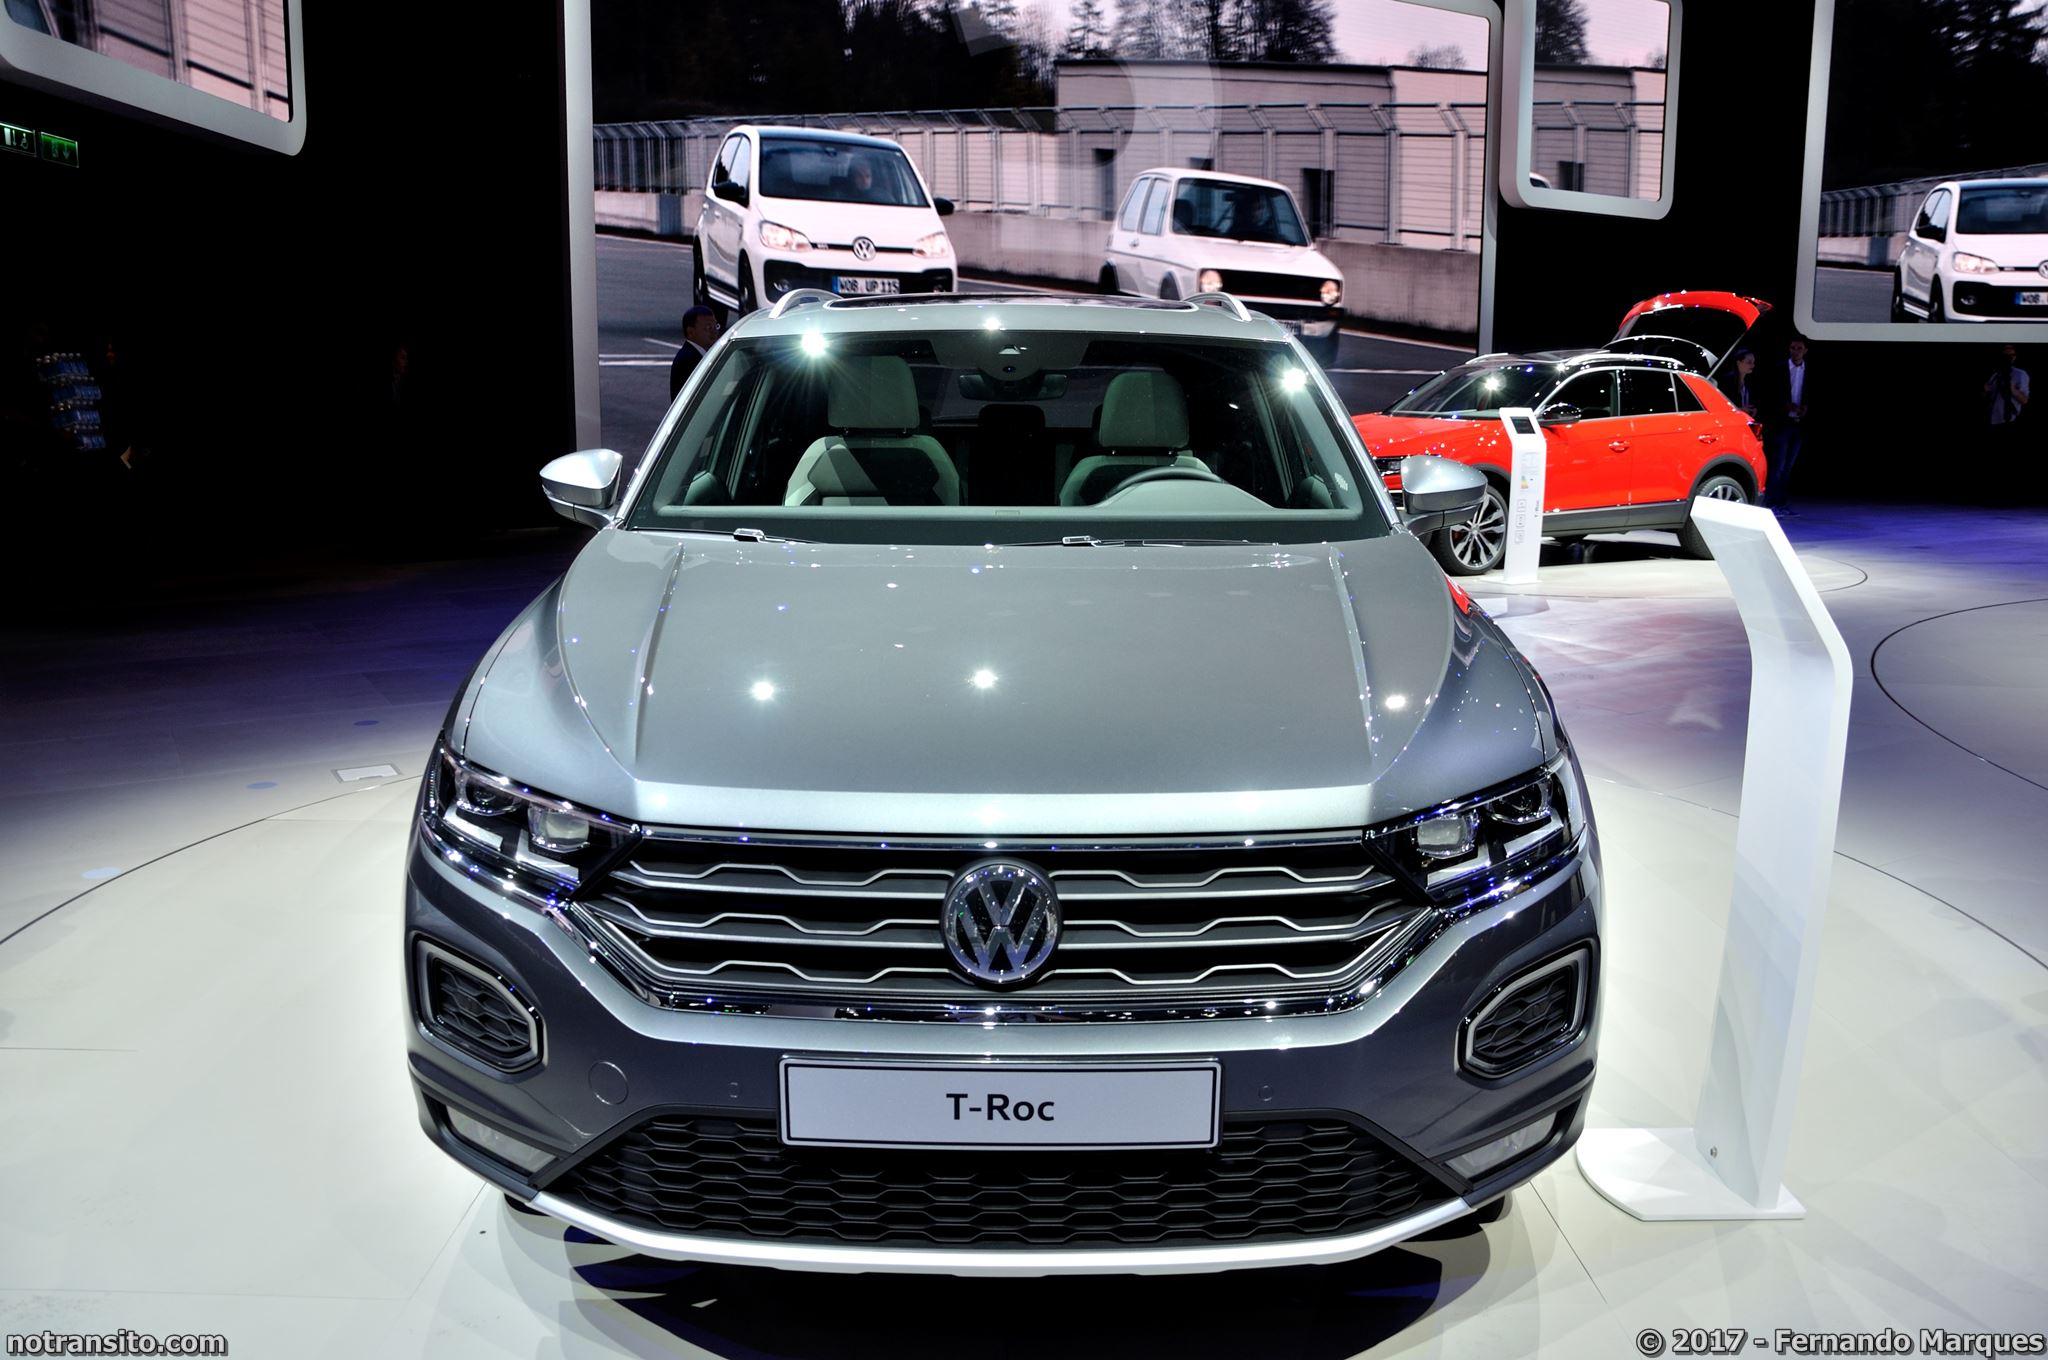 Volkswagen-T-Roc-Frankfurt-2017-001